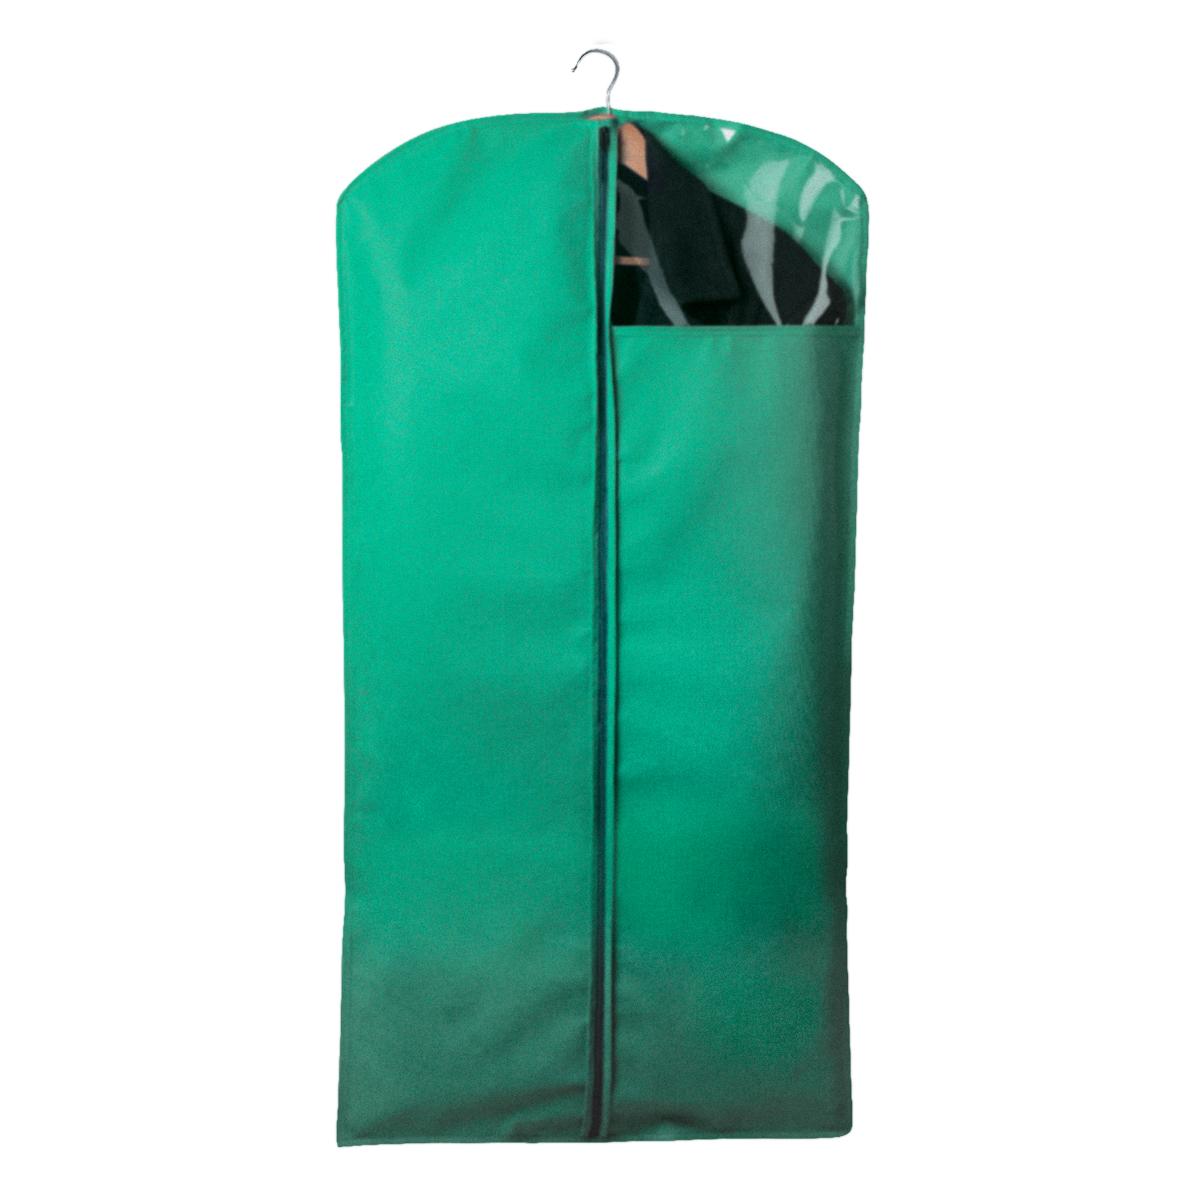 Чехол для одежды Miolla, с окошком, цвет: зеленый, 120 х 60 смCHL-2-5Чехол для костюмов и платьев Miolla на застежке-молнии выполнен из высококачественного нетканого материала. Прозрачное полиэтиленовое окошко позволяет видеть содержимое чехла. Подходит для длительного хранения вещей. Чехол обеспечивает вашей одежде надежную защиту от влажности, повреждений и грязи при транспортировке, от запыления при хранении и проникновения моли. Чехол обладает водоотталкивающими свойствами, а также позволяет воздуху свободно поступать внутрь вещей, обеспечивая их кондиционирование. Размер чехла: 120 х 60 см.